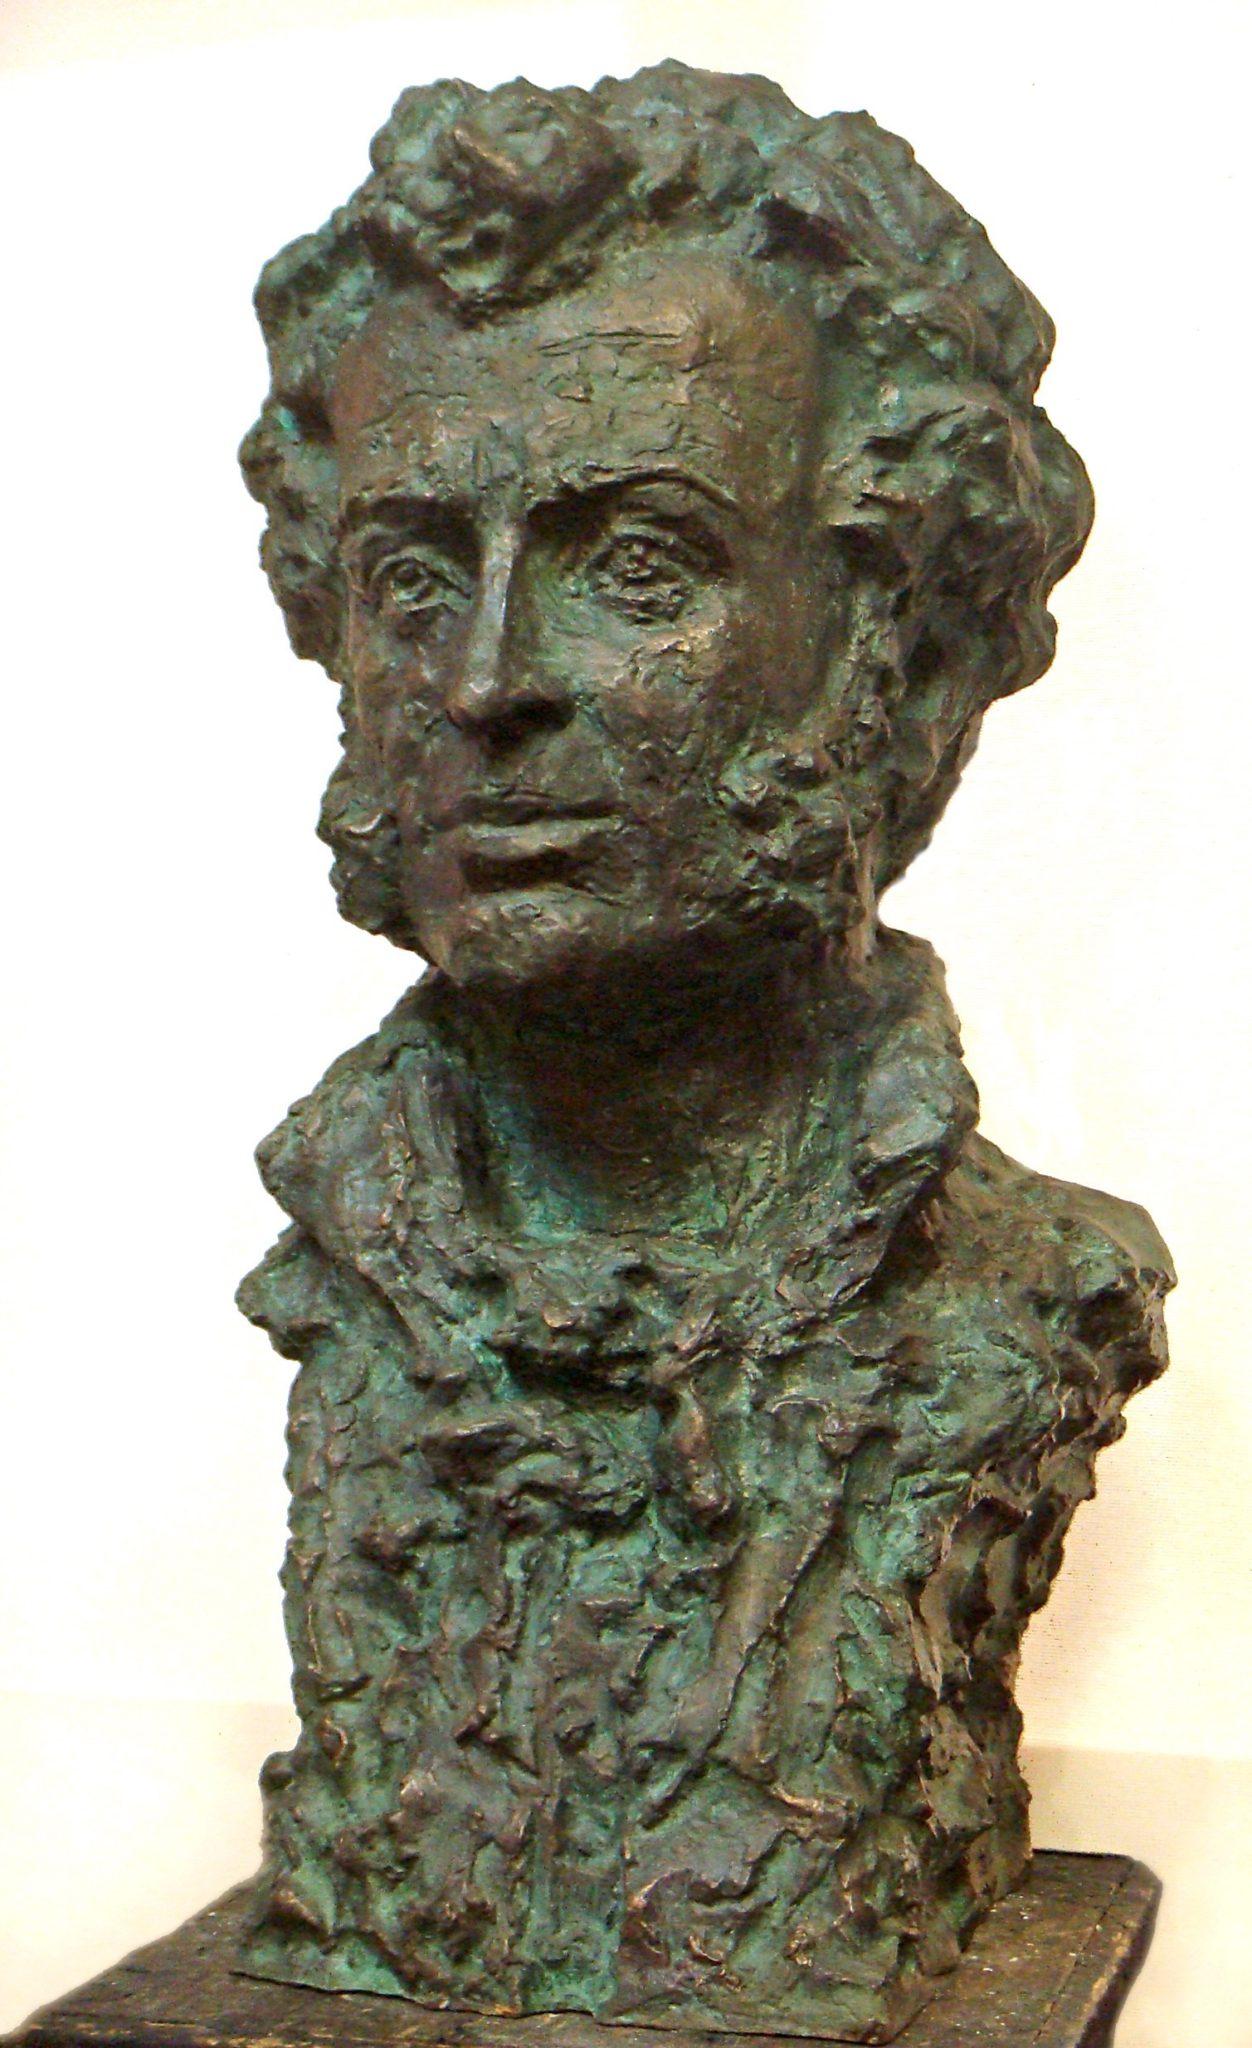 памятник А.С. Пушкину в Москве, МГИМО